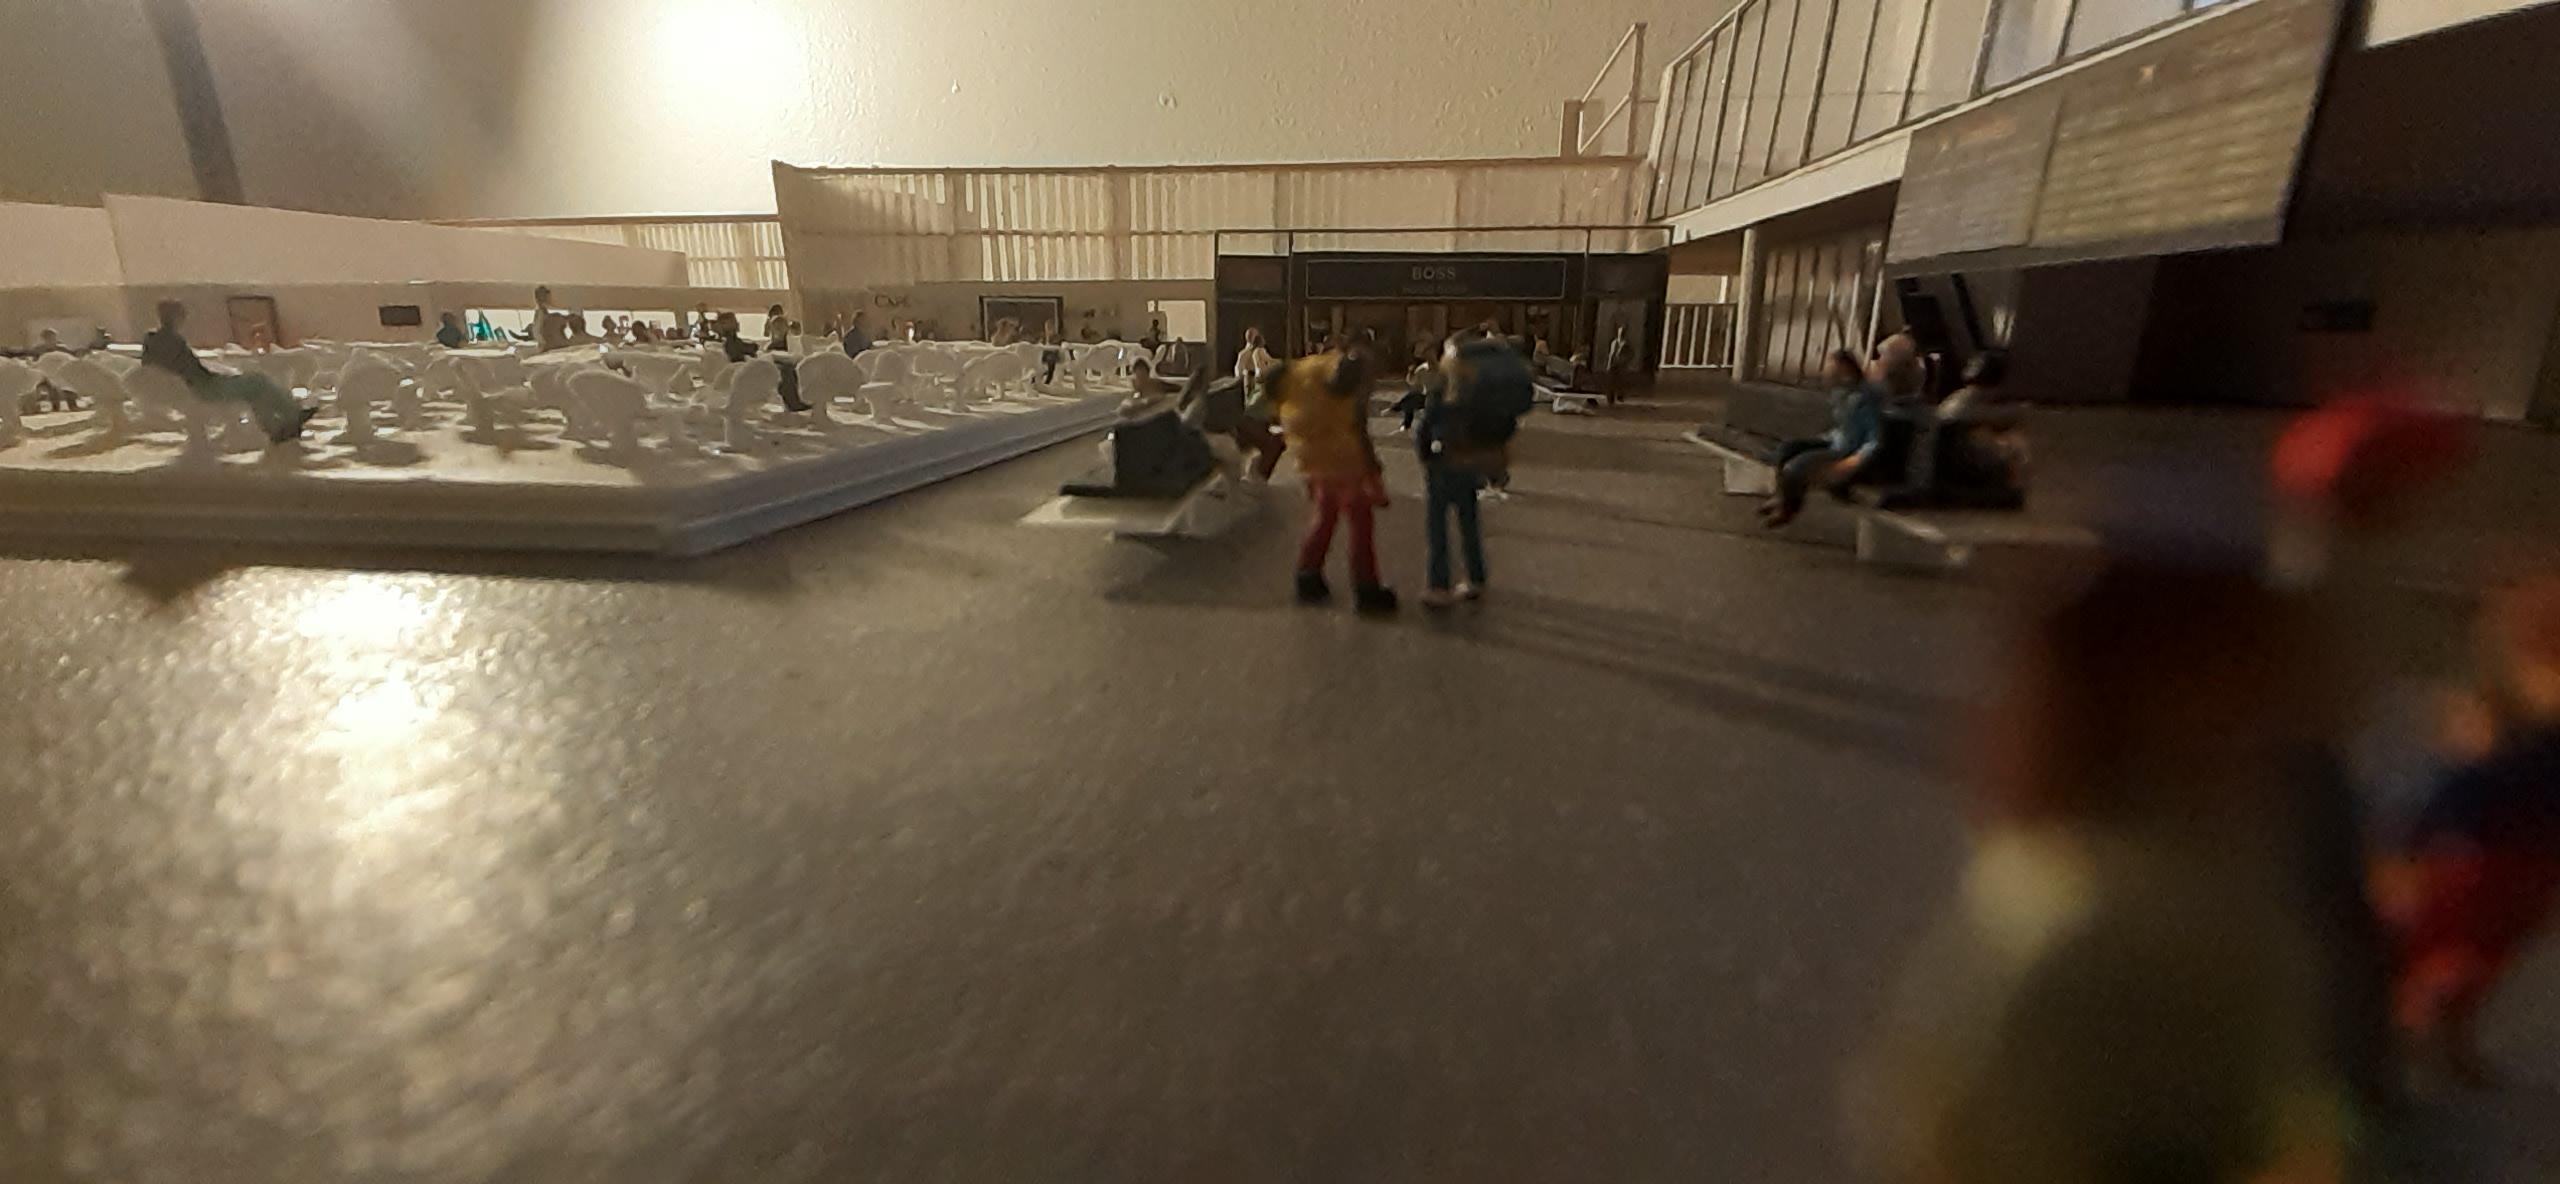 Réalisation de la maquette 1/144 d' un aéroport international (scratch) - Page 17 20200579